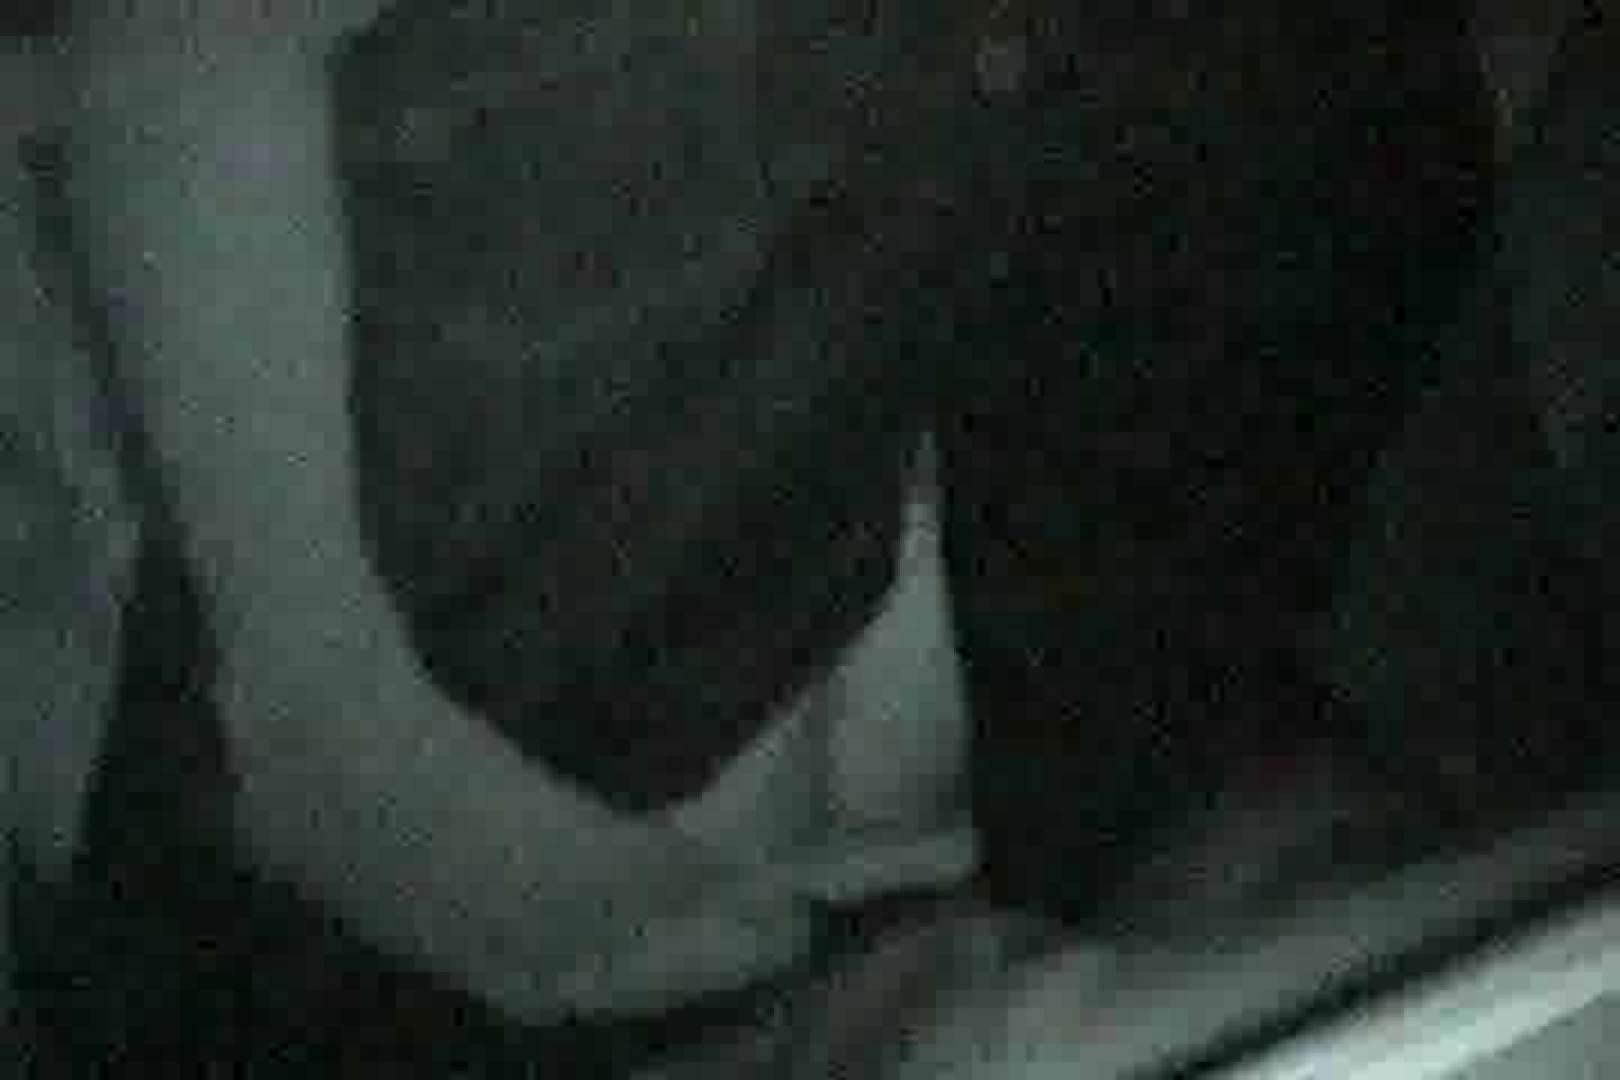 充血監督の深夜の運動会Vol.31 カップル AV無料動画キャプチャ 82pic 39